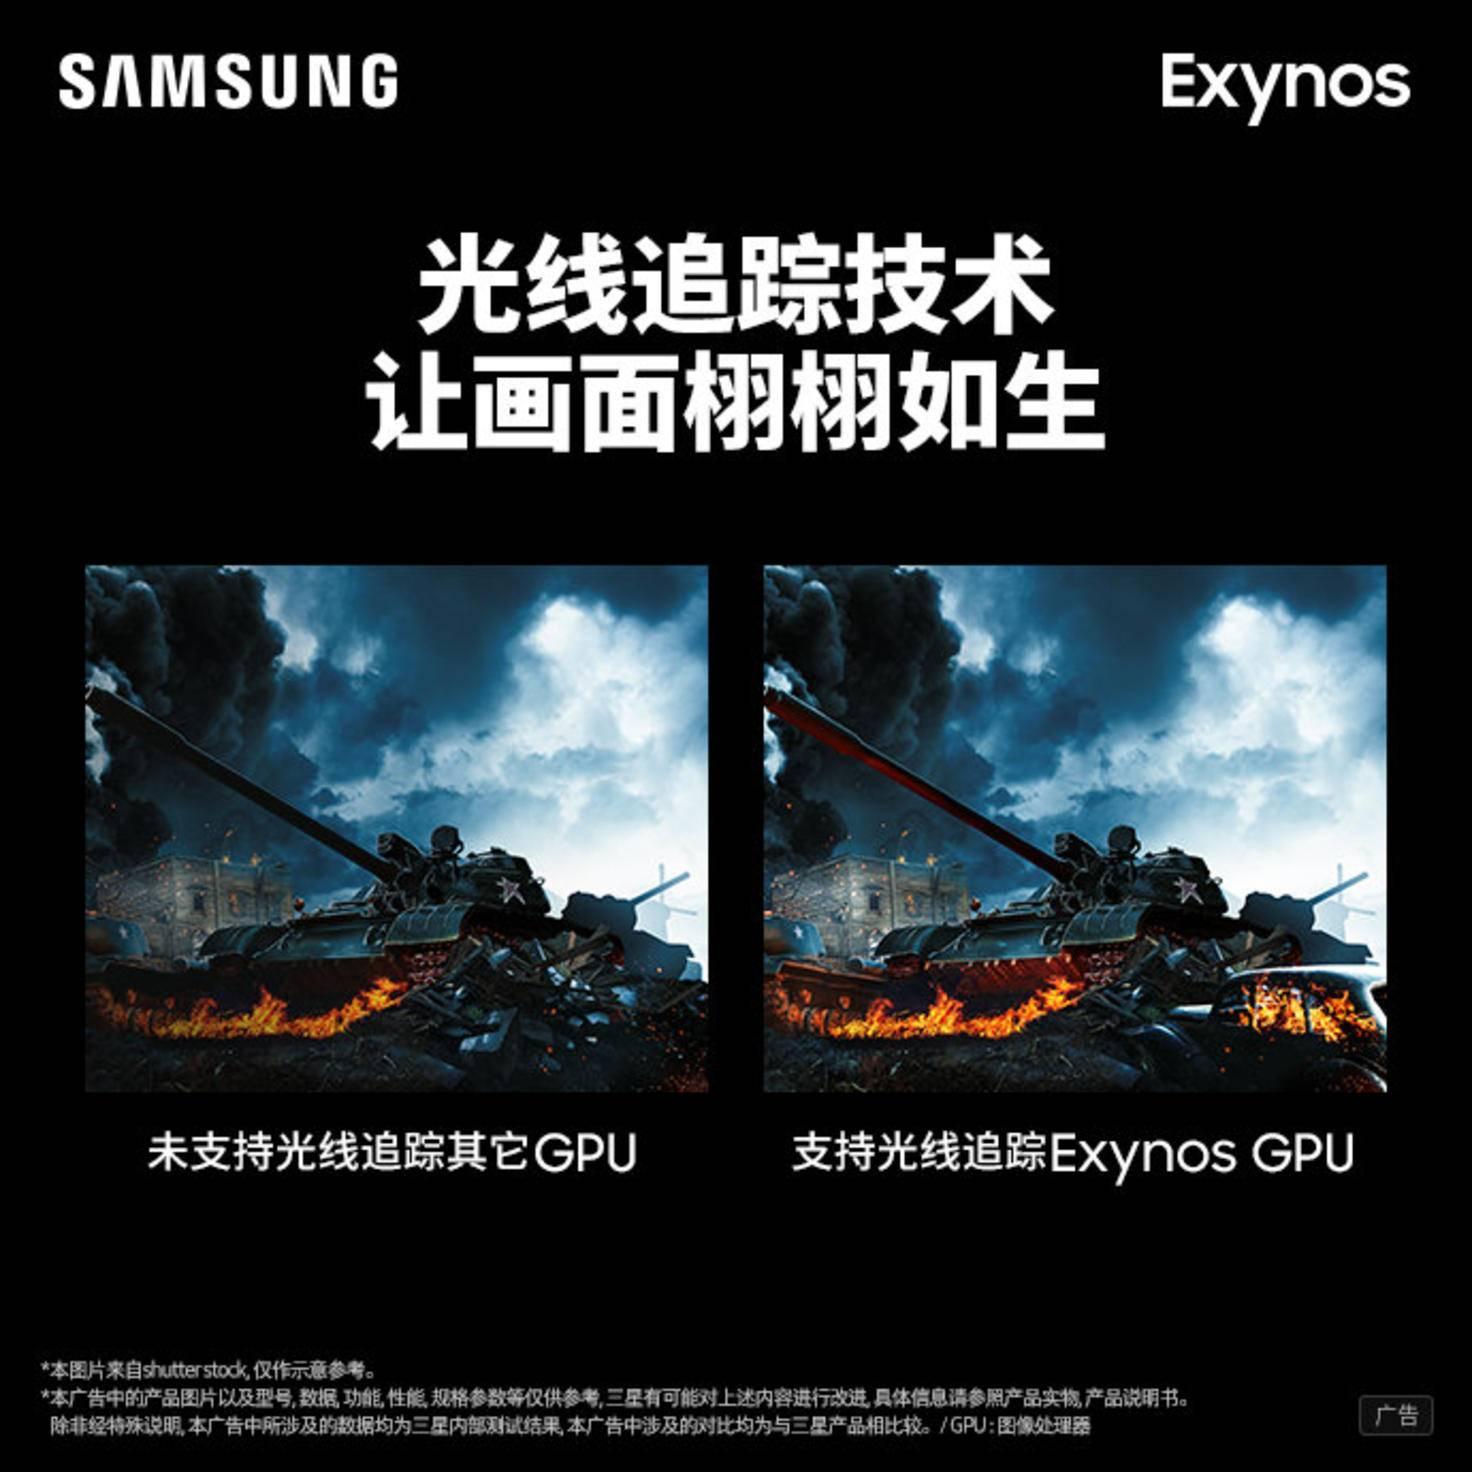 samsung-Exynos-2200-rayrracing-weibo